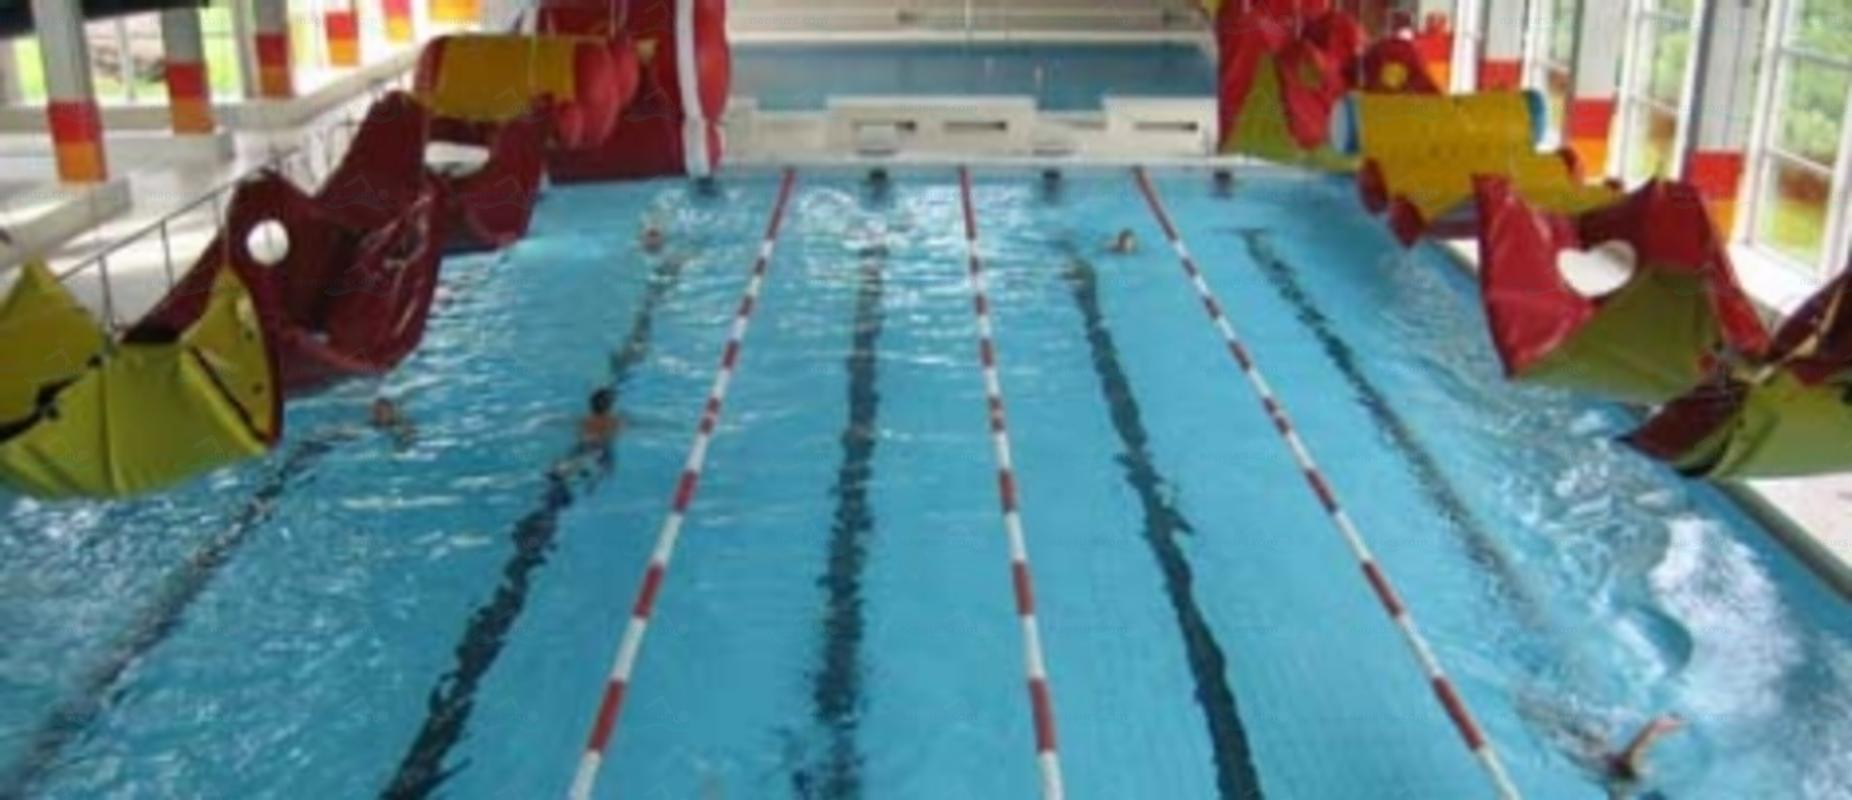 Annuaire des piscines suisse piscines for Chexbres piscine